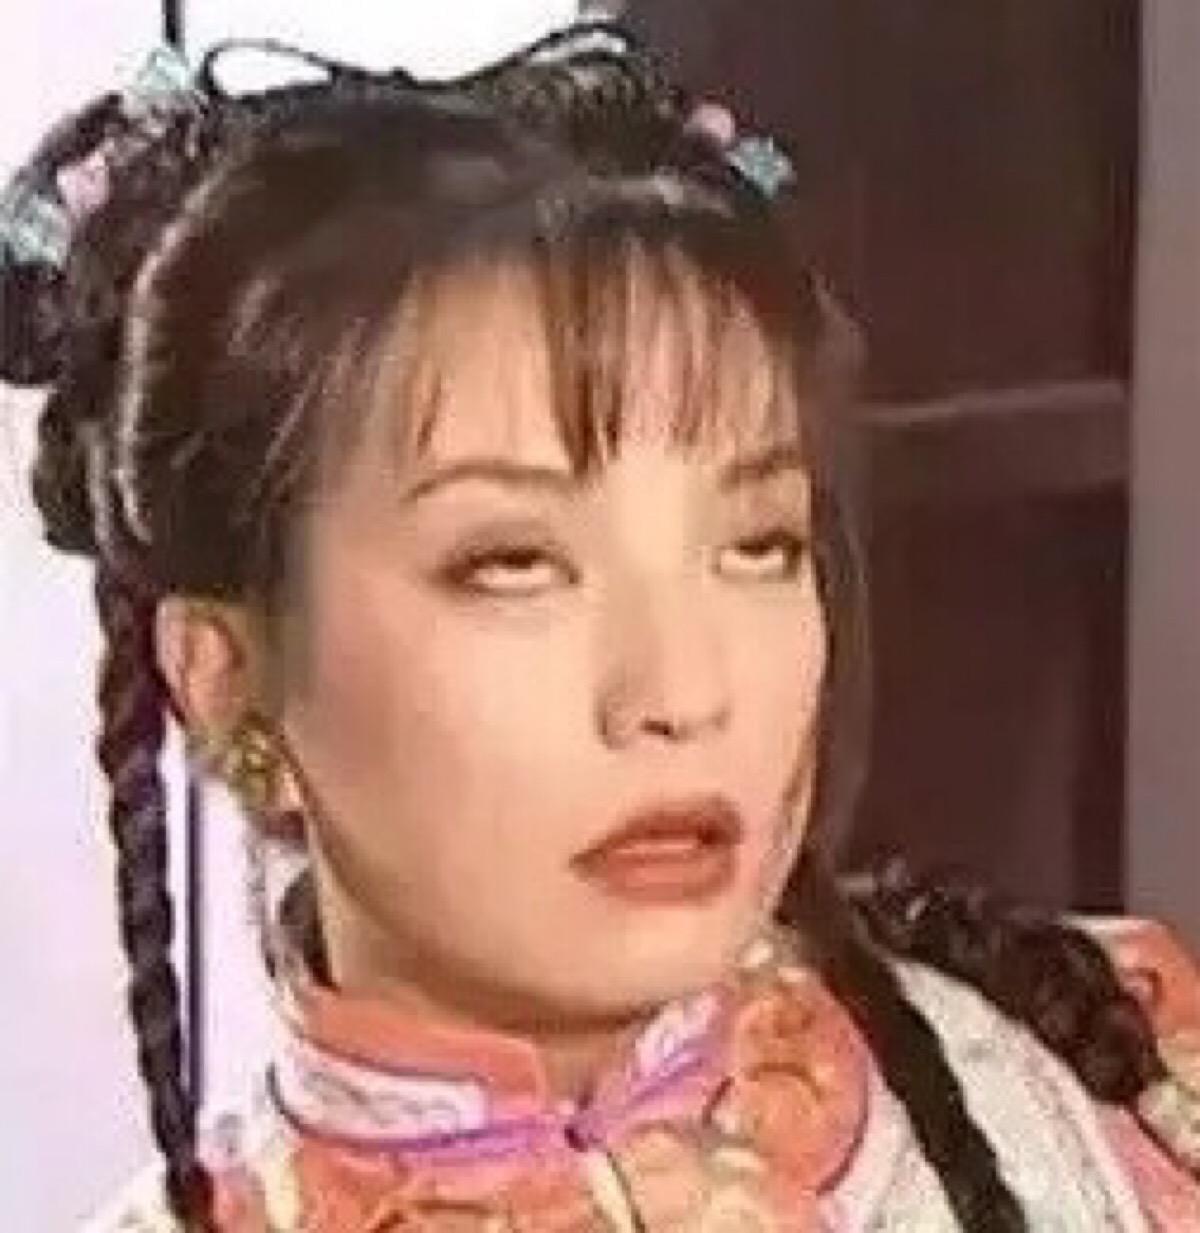 杨幂景甜Baby被称作影坛骨干 可中国多数烂片都出自她们之手